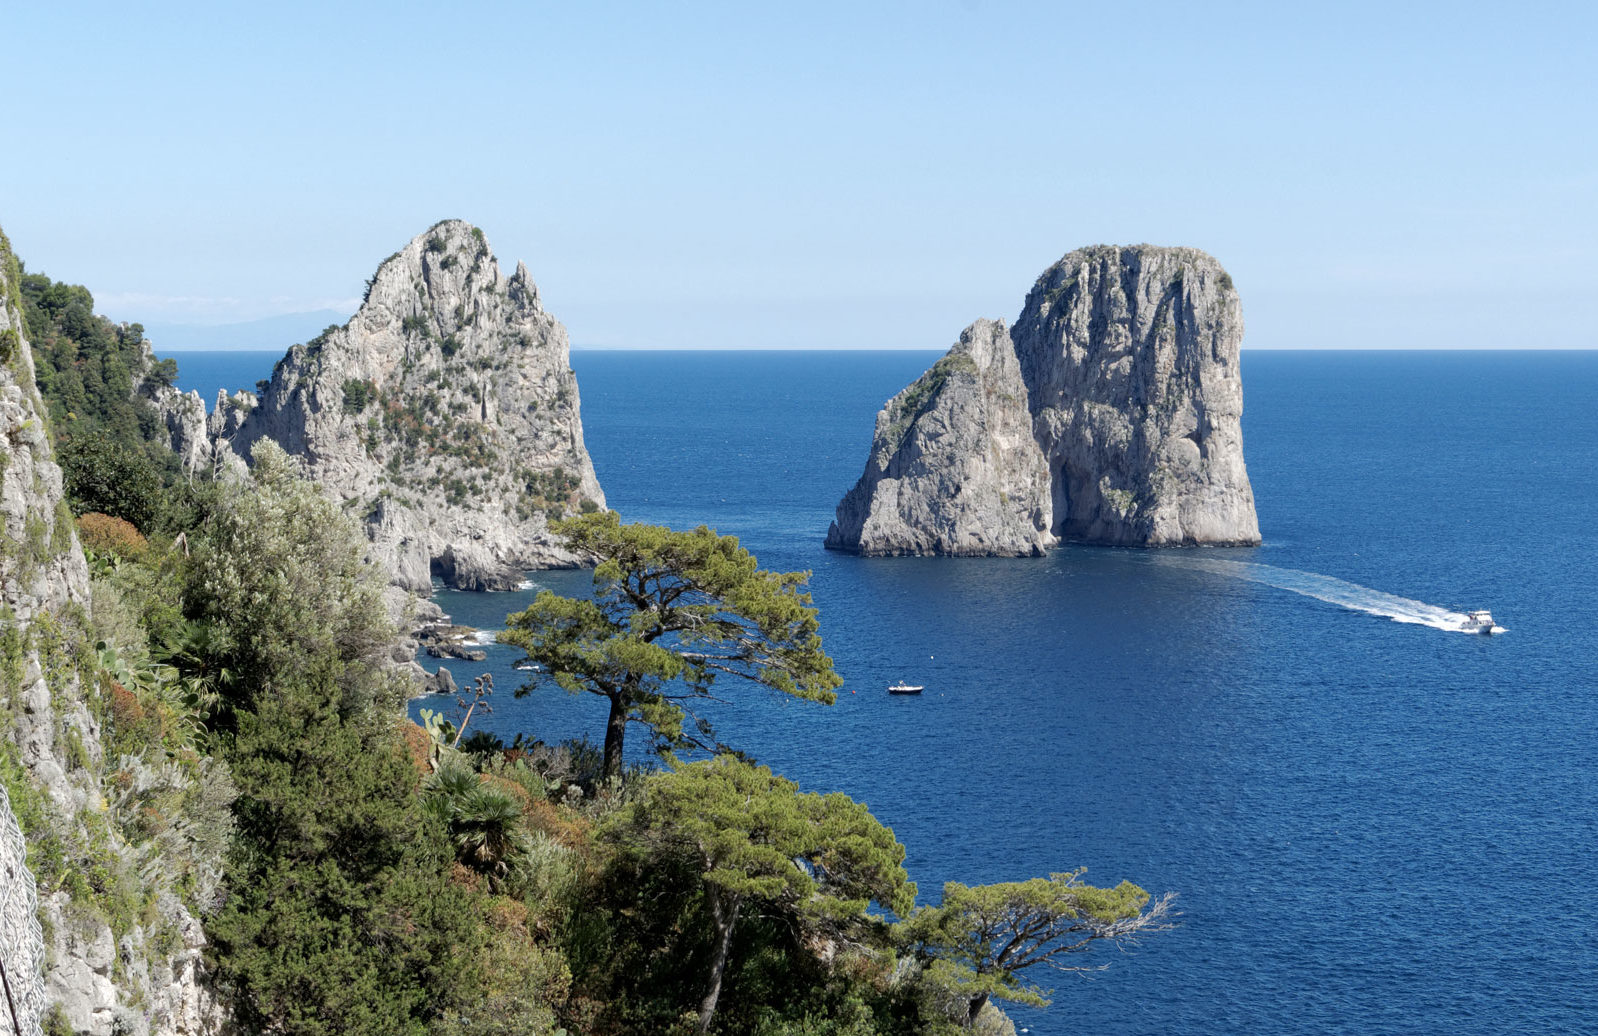 Villa Maria Pia, l'hotel per visitare Capri in barca!